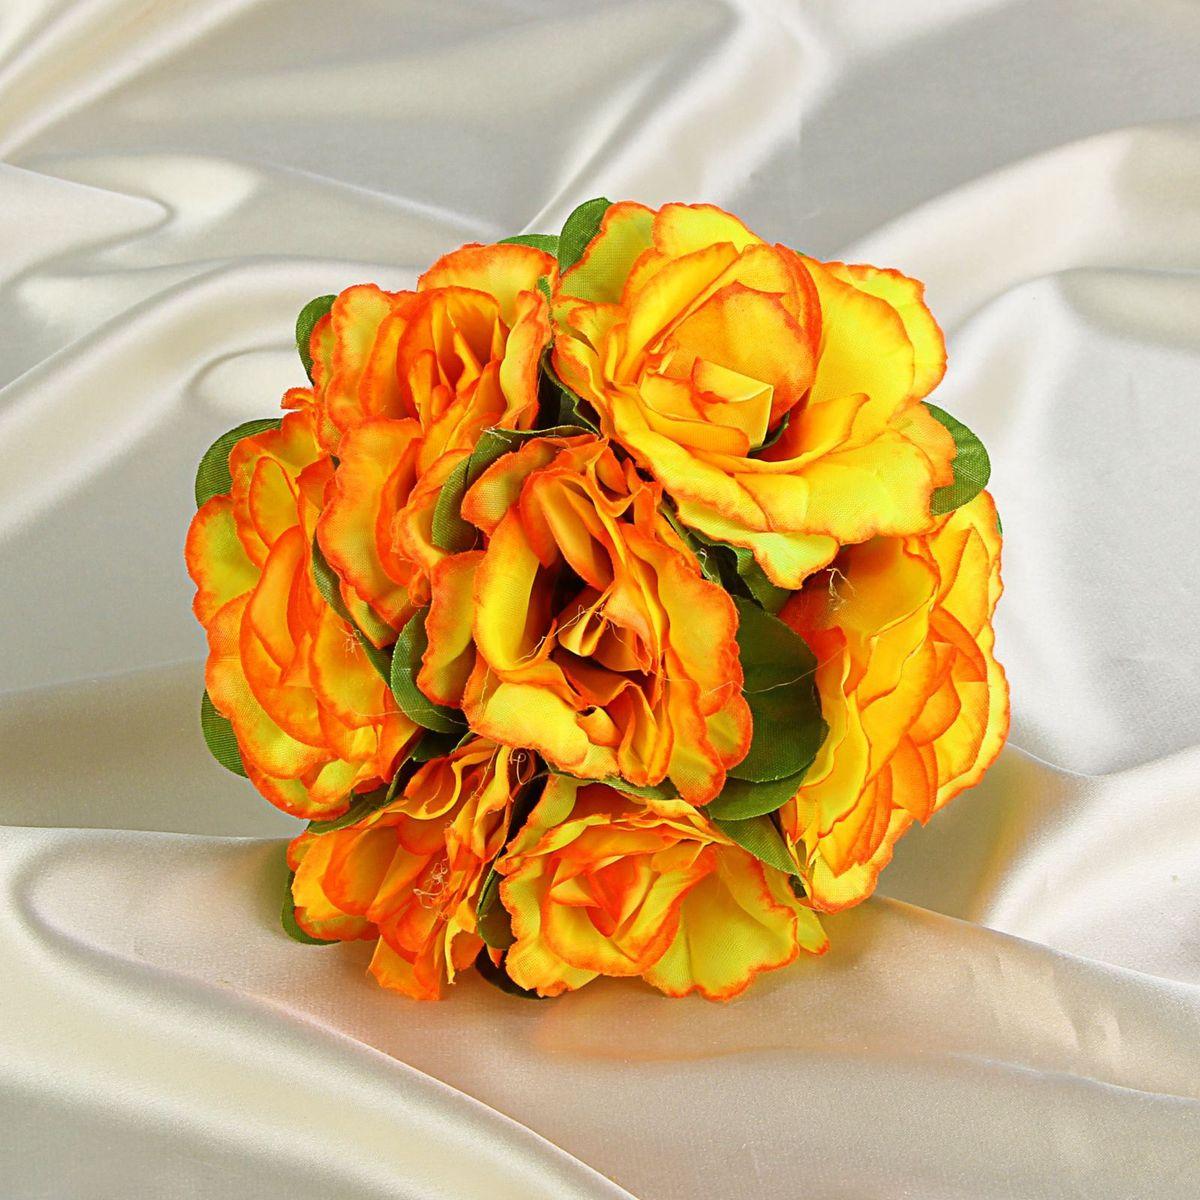 Sima-land Букет-дублер невесты, цвет: оранжевый, белый. 12287901228790Современные невесты используют букеты из искусственных материалов, потому что они легче, дешевле и не рассыпаются в полете. Ведь для многих незамужних подружек поймать букет на свадьбе — шанс осуществления заветной мечты. Кроме свадебной тематики изделие используют для фотосессий, так как оно не утрачивает праздничный вид даже в непогоду, и как элемент украшения интерьера. Многие рестораны и отели на выставках и праздниках предпочитают использовать украшения из неувядающих цветов. Оригинальный букет будет в центре внимания на торжественном событии и оставит самые яркие впечатления.